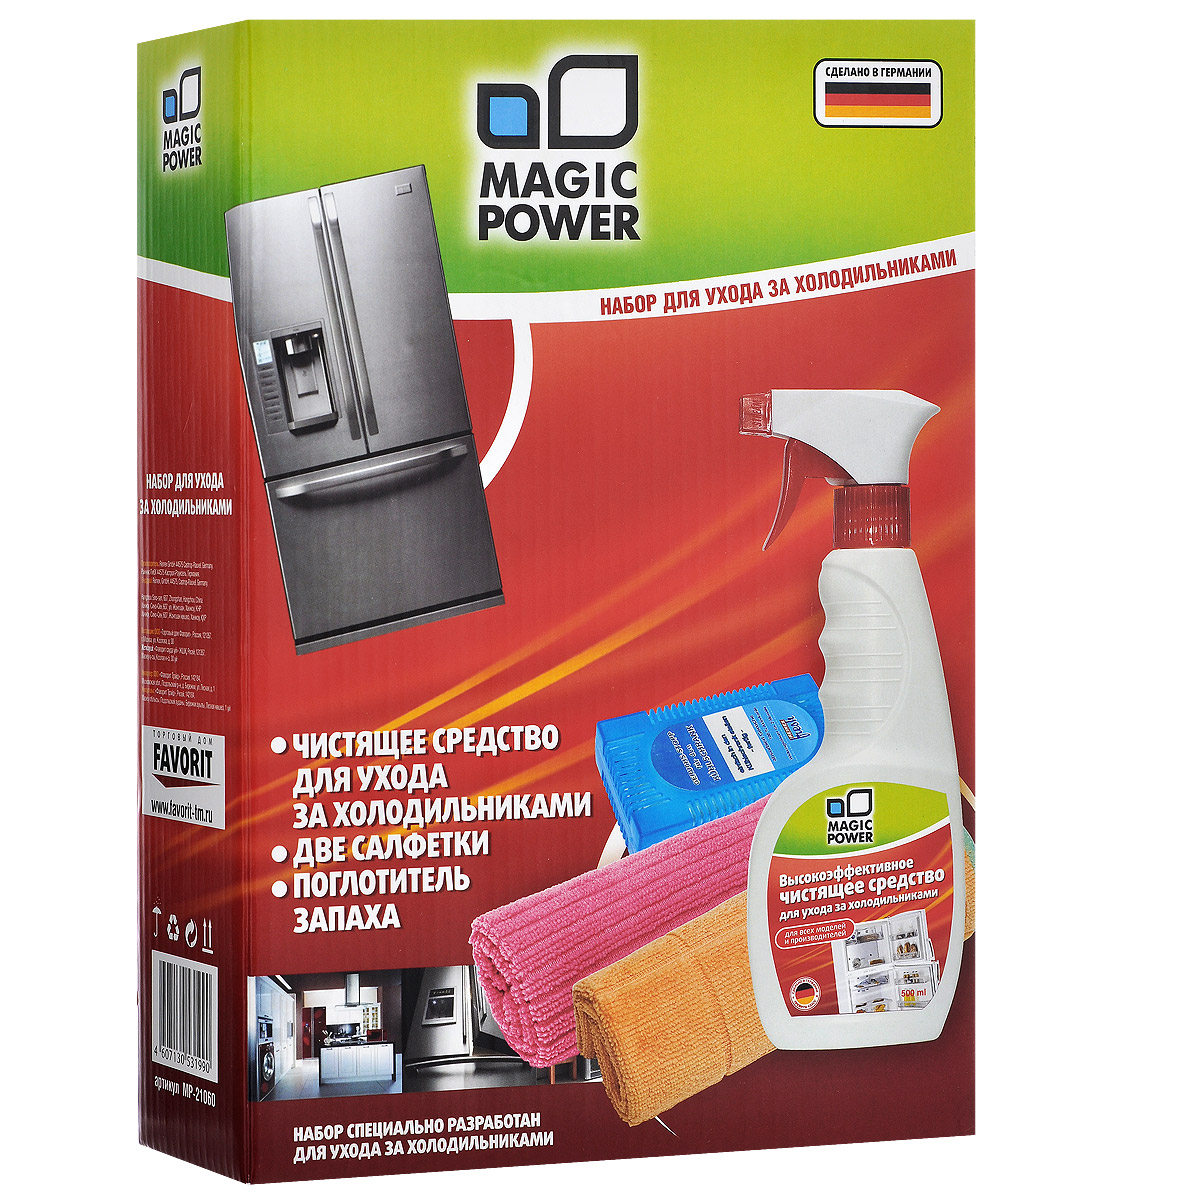 Набор для ухода за холодильниками Magic Power, 4 предметаMP-21060Набор для ухода за холодильниками Magic Power состоит из чистящего средства, двухсалфеток и поглотителя запаха. Чистящее средство предназначено для очистки внутреннего и внешнего пространствахолодильника. Обладает антибактериальным действием, предотвращает образование плесени.Объем: 500 мл.Салфетка из микрофибры для ухода за холодильниками (35 см х 40 см) предназначена дляочистки внутренней и внешней поверхности холодильника от любых загрязнений, для полировкии придания блеска. Не оставляет разводов и ворсинок. Обладает повышенной прочностью. Салфетка из микрофибры для ухода за бытовой техникой (30 см х 30 см) быстро и легко удаляетлюбые загрязнения, не оставляет разводов и ворсинок, обладает повышенной прочностью,хорошо впитывает влагу. Можно использовать как самостоятельно, так и с любым средством поуходу за бытовой техникой. Высокоэффективное средство для поглощения запахов в холодильнике содержит гранулыактивированного угля, являющегося лучшим из адсорбентов. Активированный уголь способенполностью поглощать неприятные запахи, даже таких продуктов, как чеснок, лук, сыр, рыба и т.д.,не выделяя собственных запахов. Не воздействует на продукты, сохраняя их натуральныеароматы. В наборе Magic Power есть все необходимое для очистки внутреннего и внешнего пространствахолодильника.Товар сертифицирован.